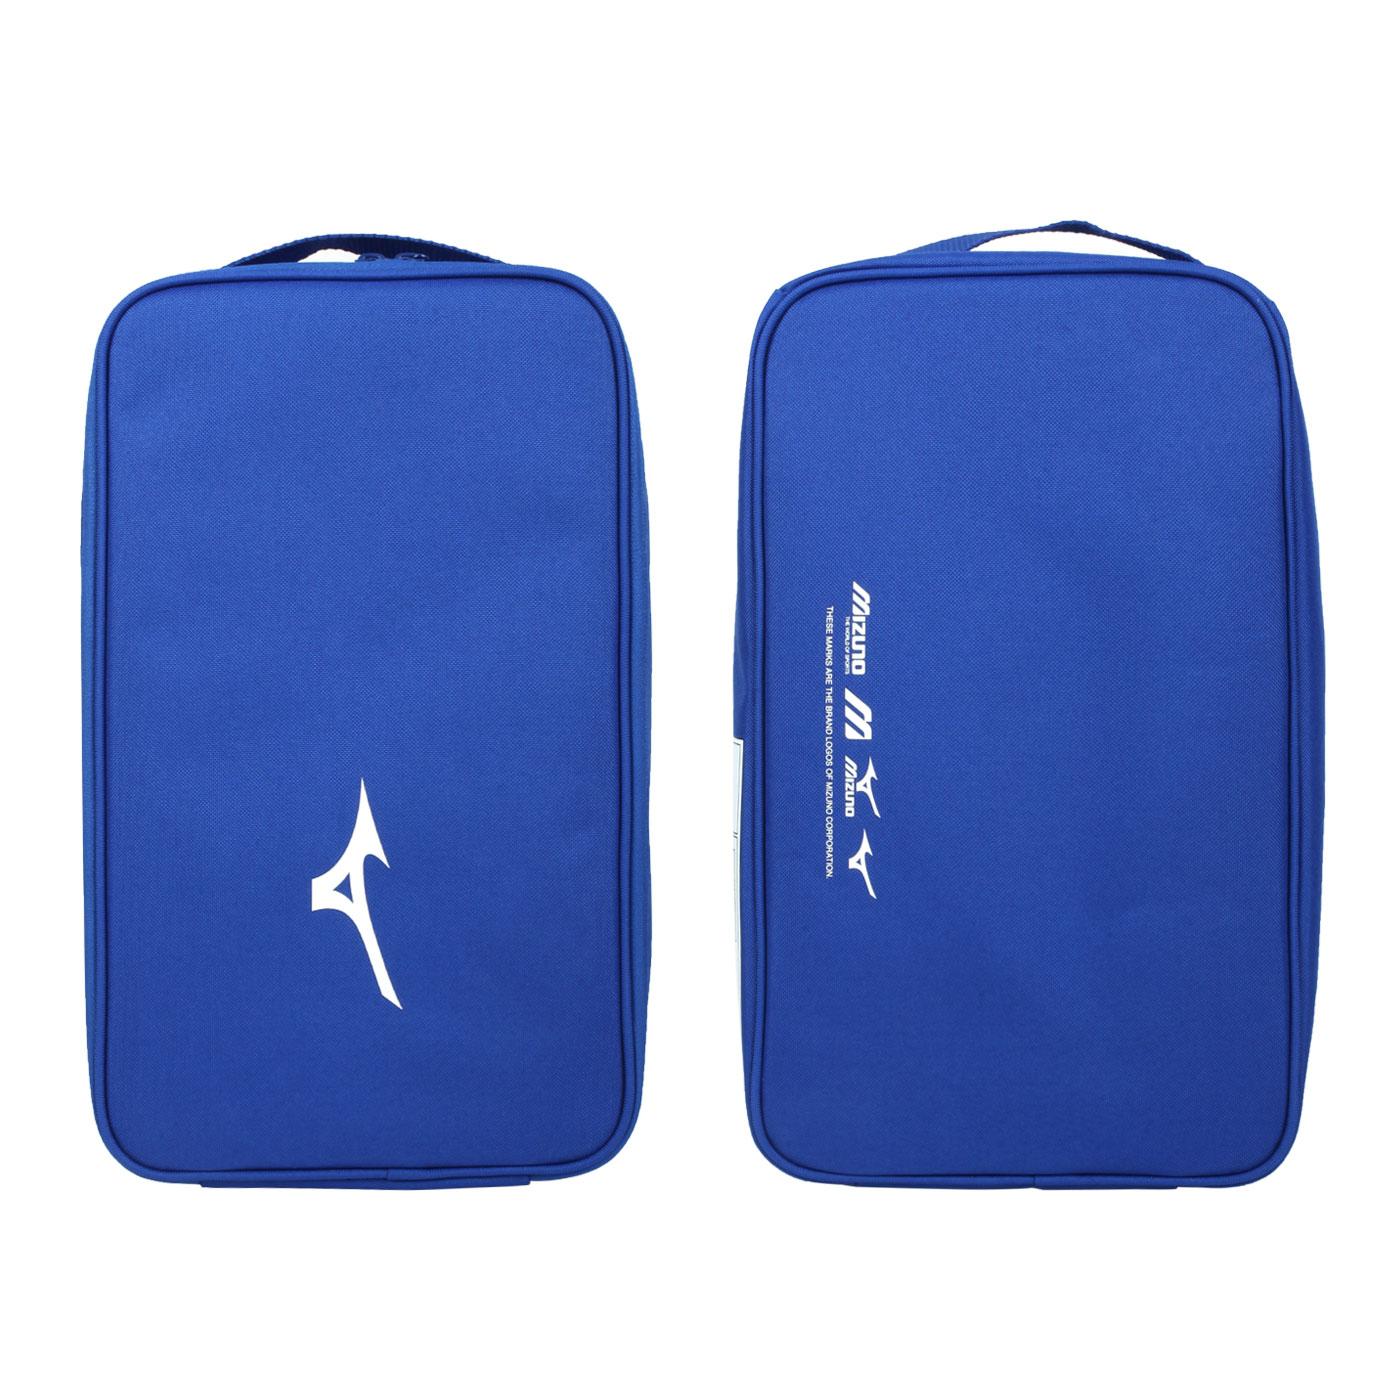 MIZUNO 鞋袋 33TM0X9727 - 藍白紅